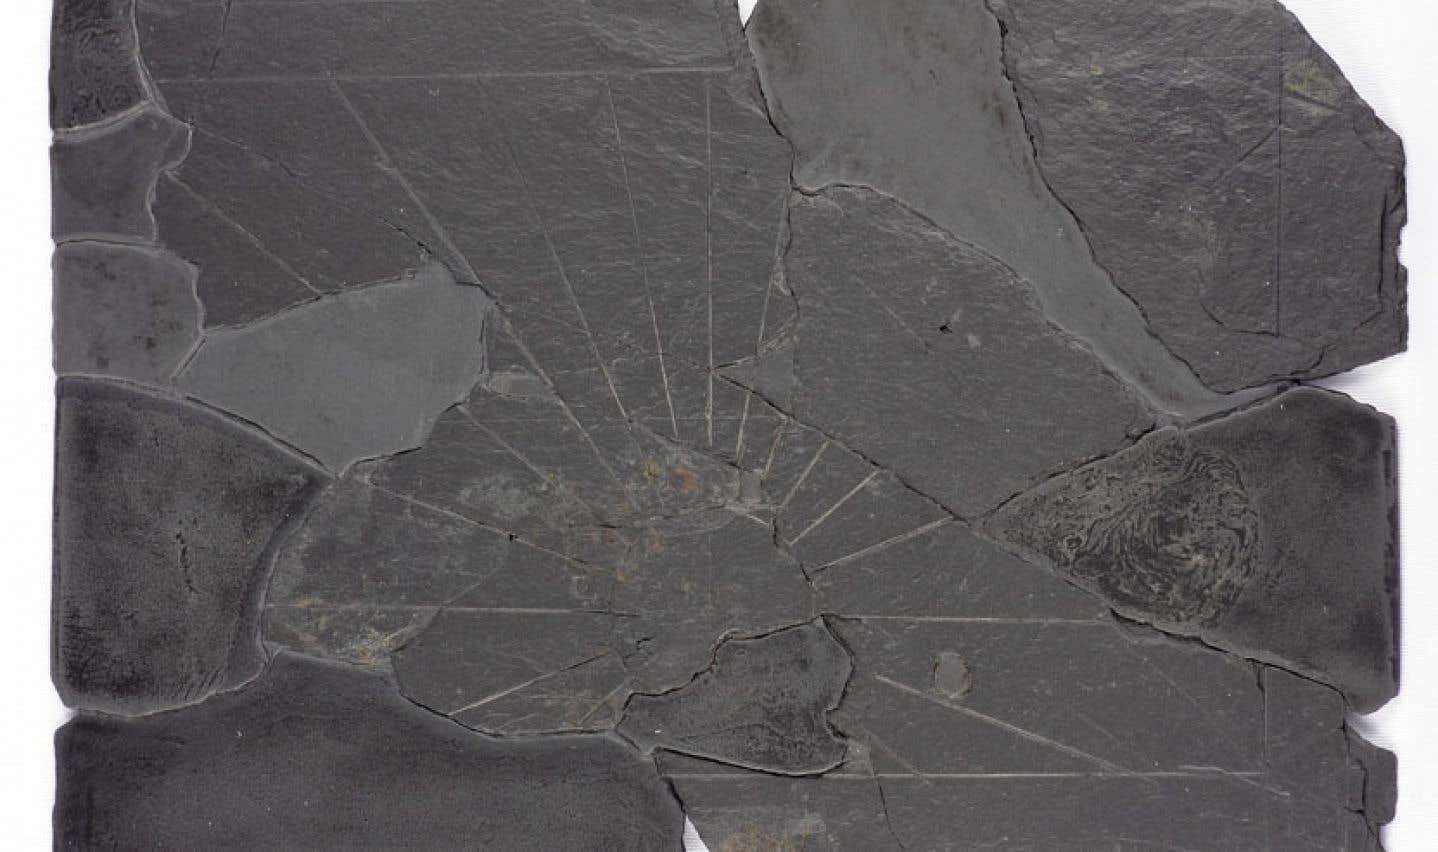 Un cadran solaire en ardoise a été mis au jour lors de fouilles menées par l'école de fouilles archéologiques de Pointe-à-Callière.